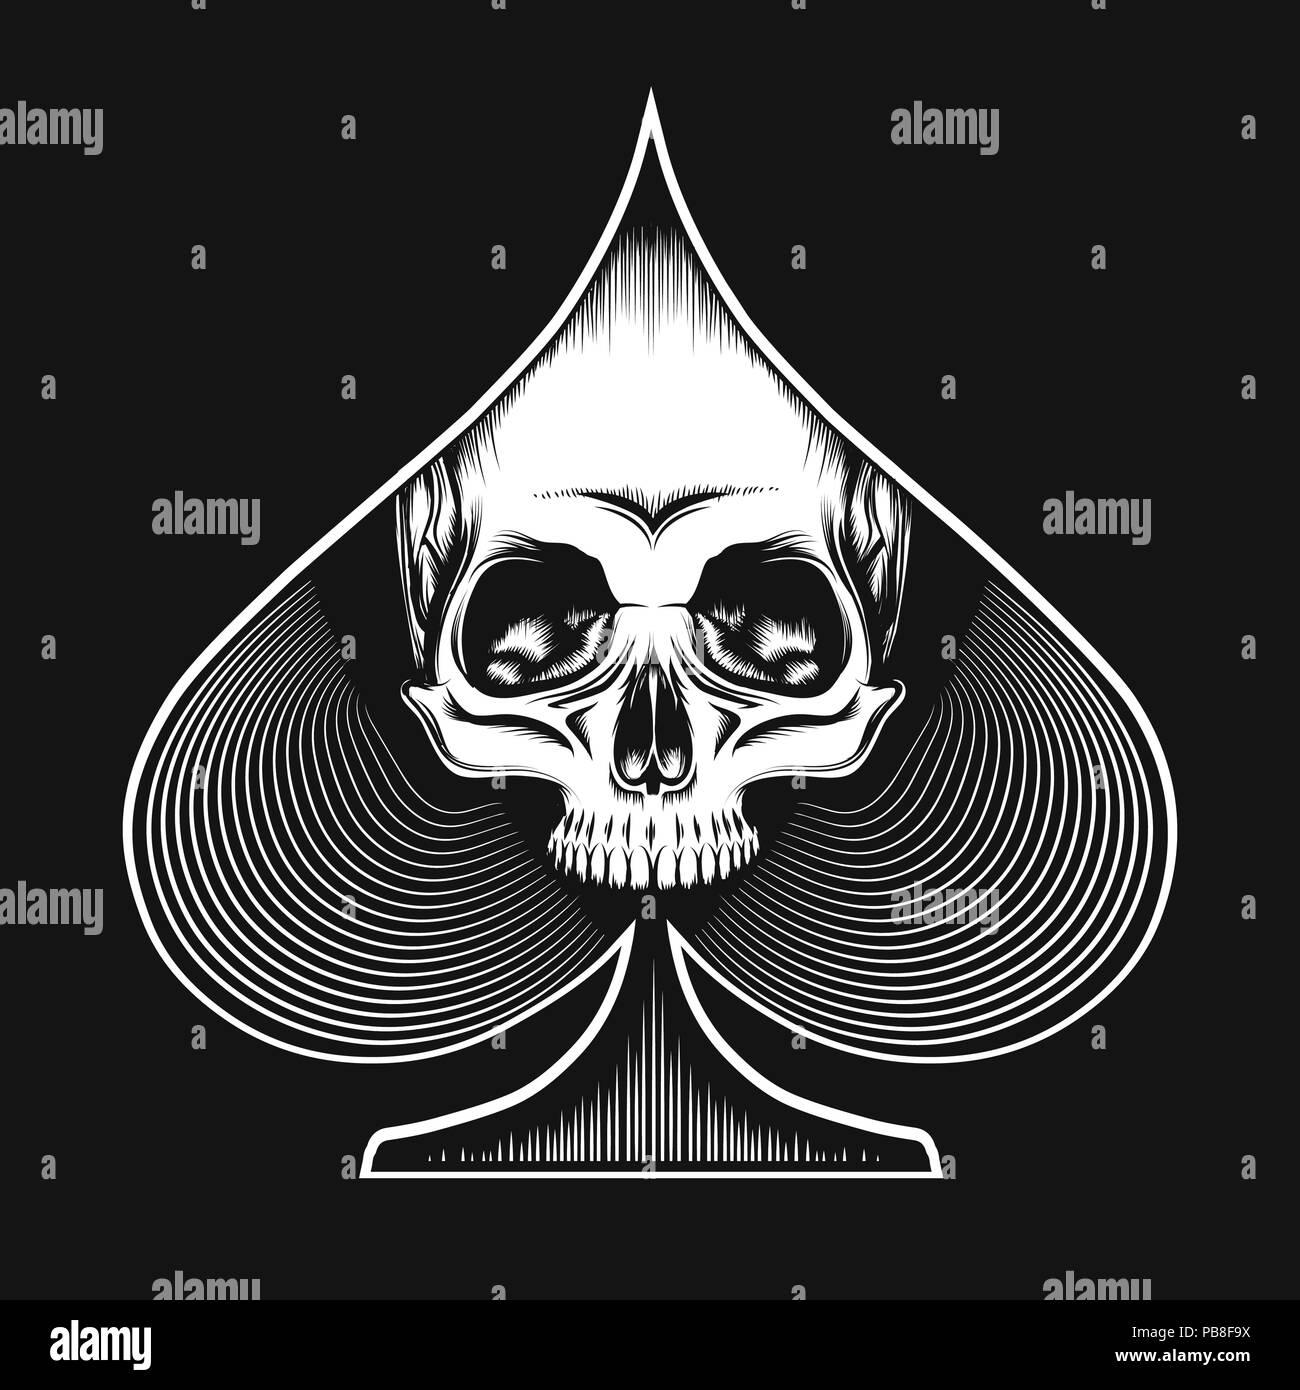 Crâne humain en fonction de chat dessiné dans le style de tatouage. Carte de jeu de casino ou concept. Vector illustration. Photo Stock